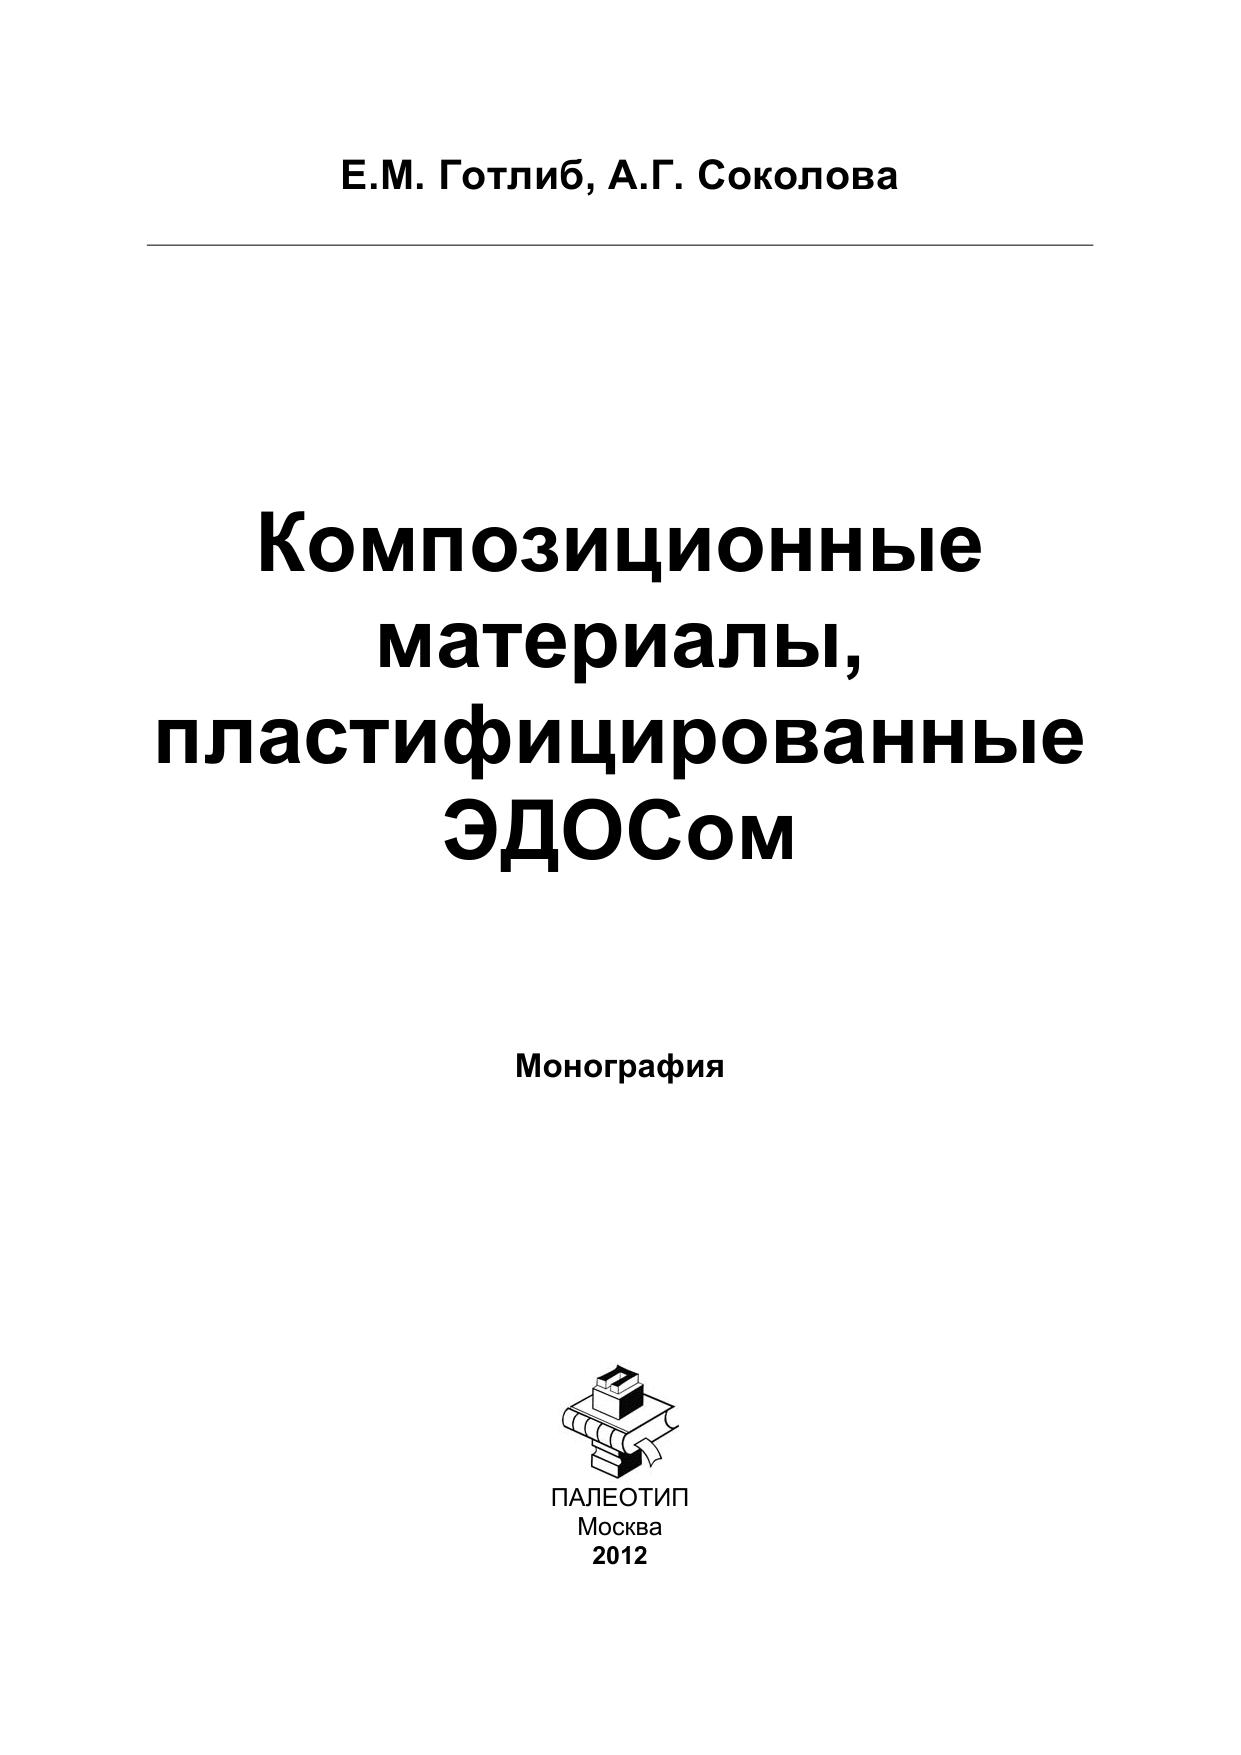 Елена Готлиб Композиционные материалы, пластифицированные ЭДОСом